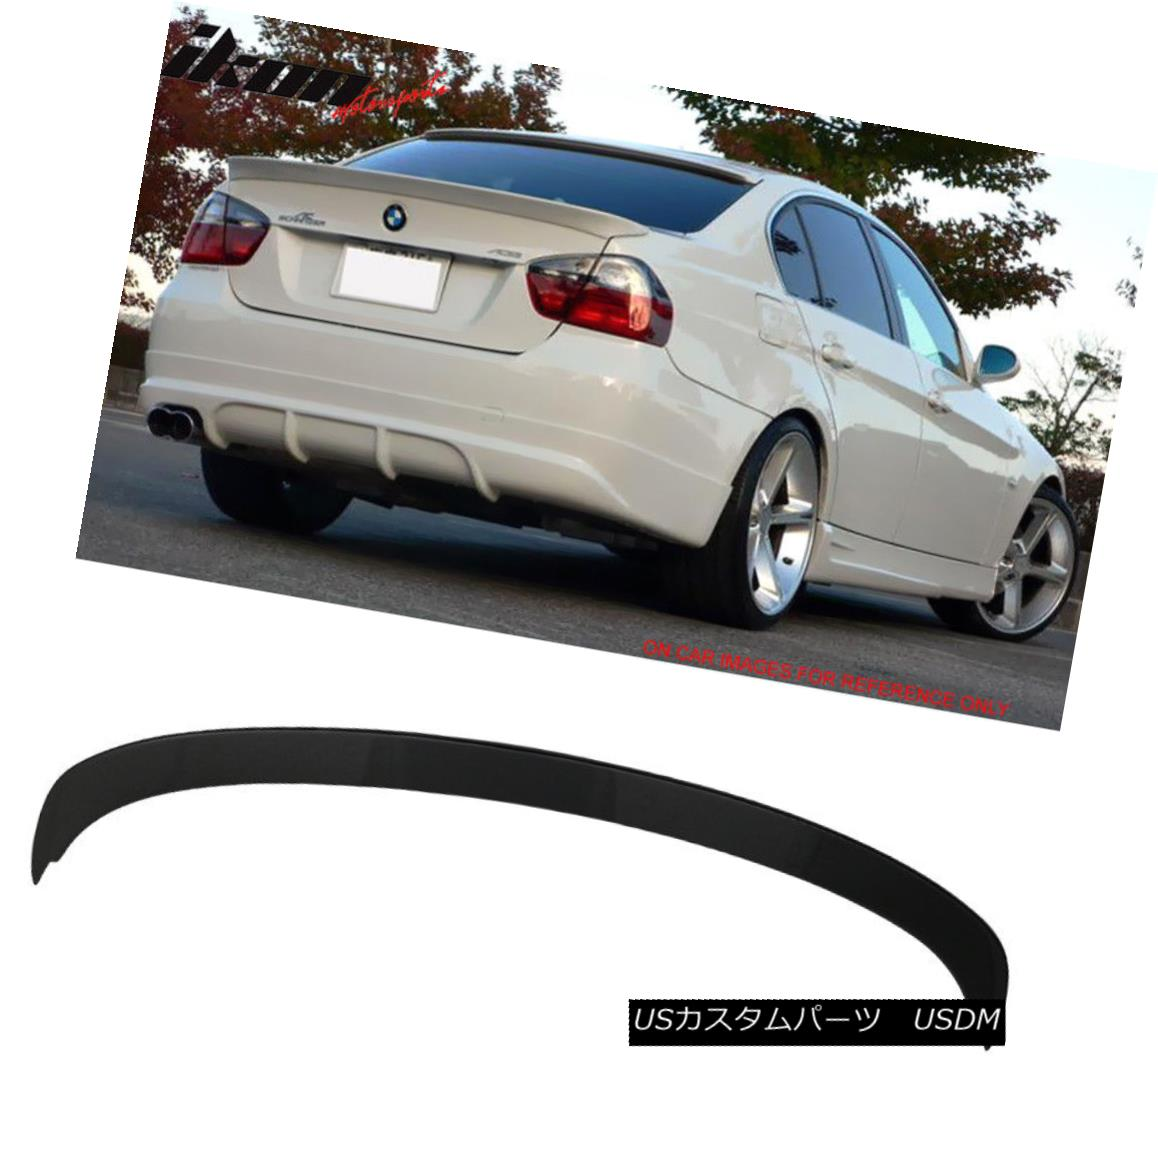 エアロパーツ 06-11 BMW 3-Series E90 Sedan 4Dr AC Style Trunk Spoiler Painted #668 Jet Black 06-11 BMW 3シリーズE90セダン4Dr ACスタイルトランク・スポイラー・ペイント#668ジェット・ブラック